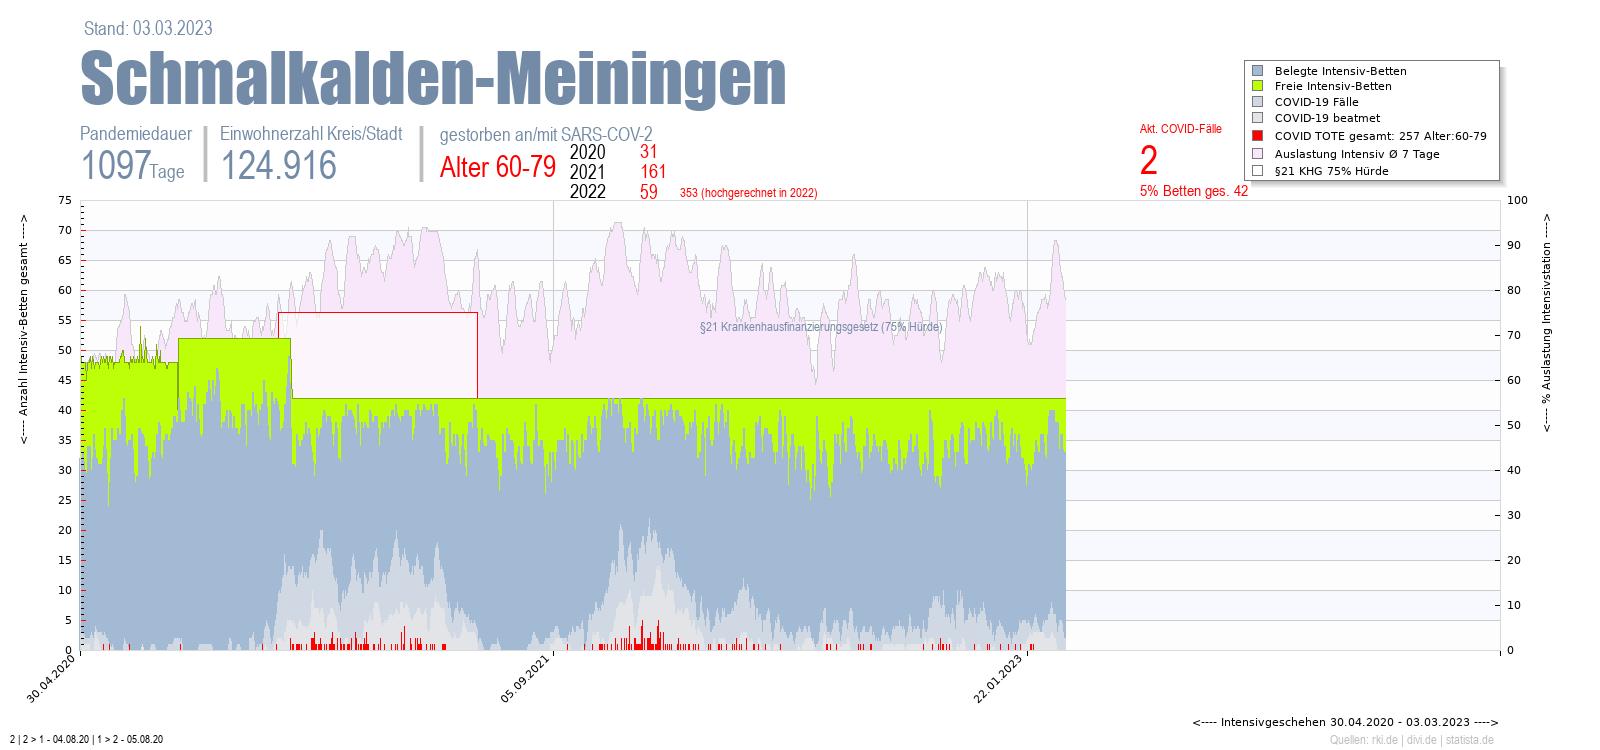 Intensivstation Auslastung Schmalkalden-Meiningen Alter 0-4